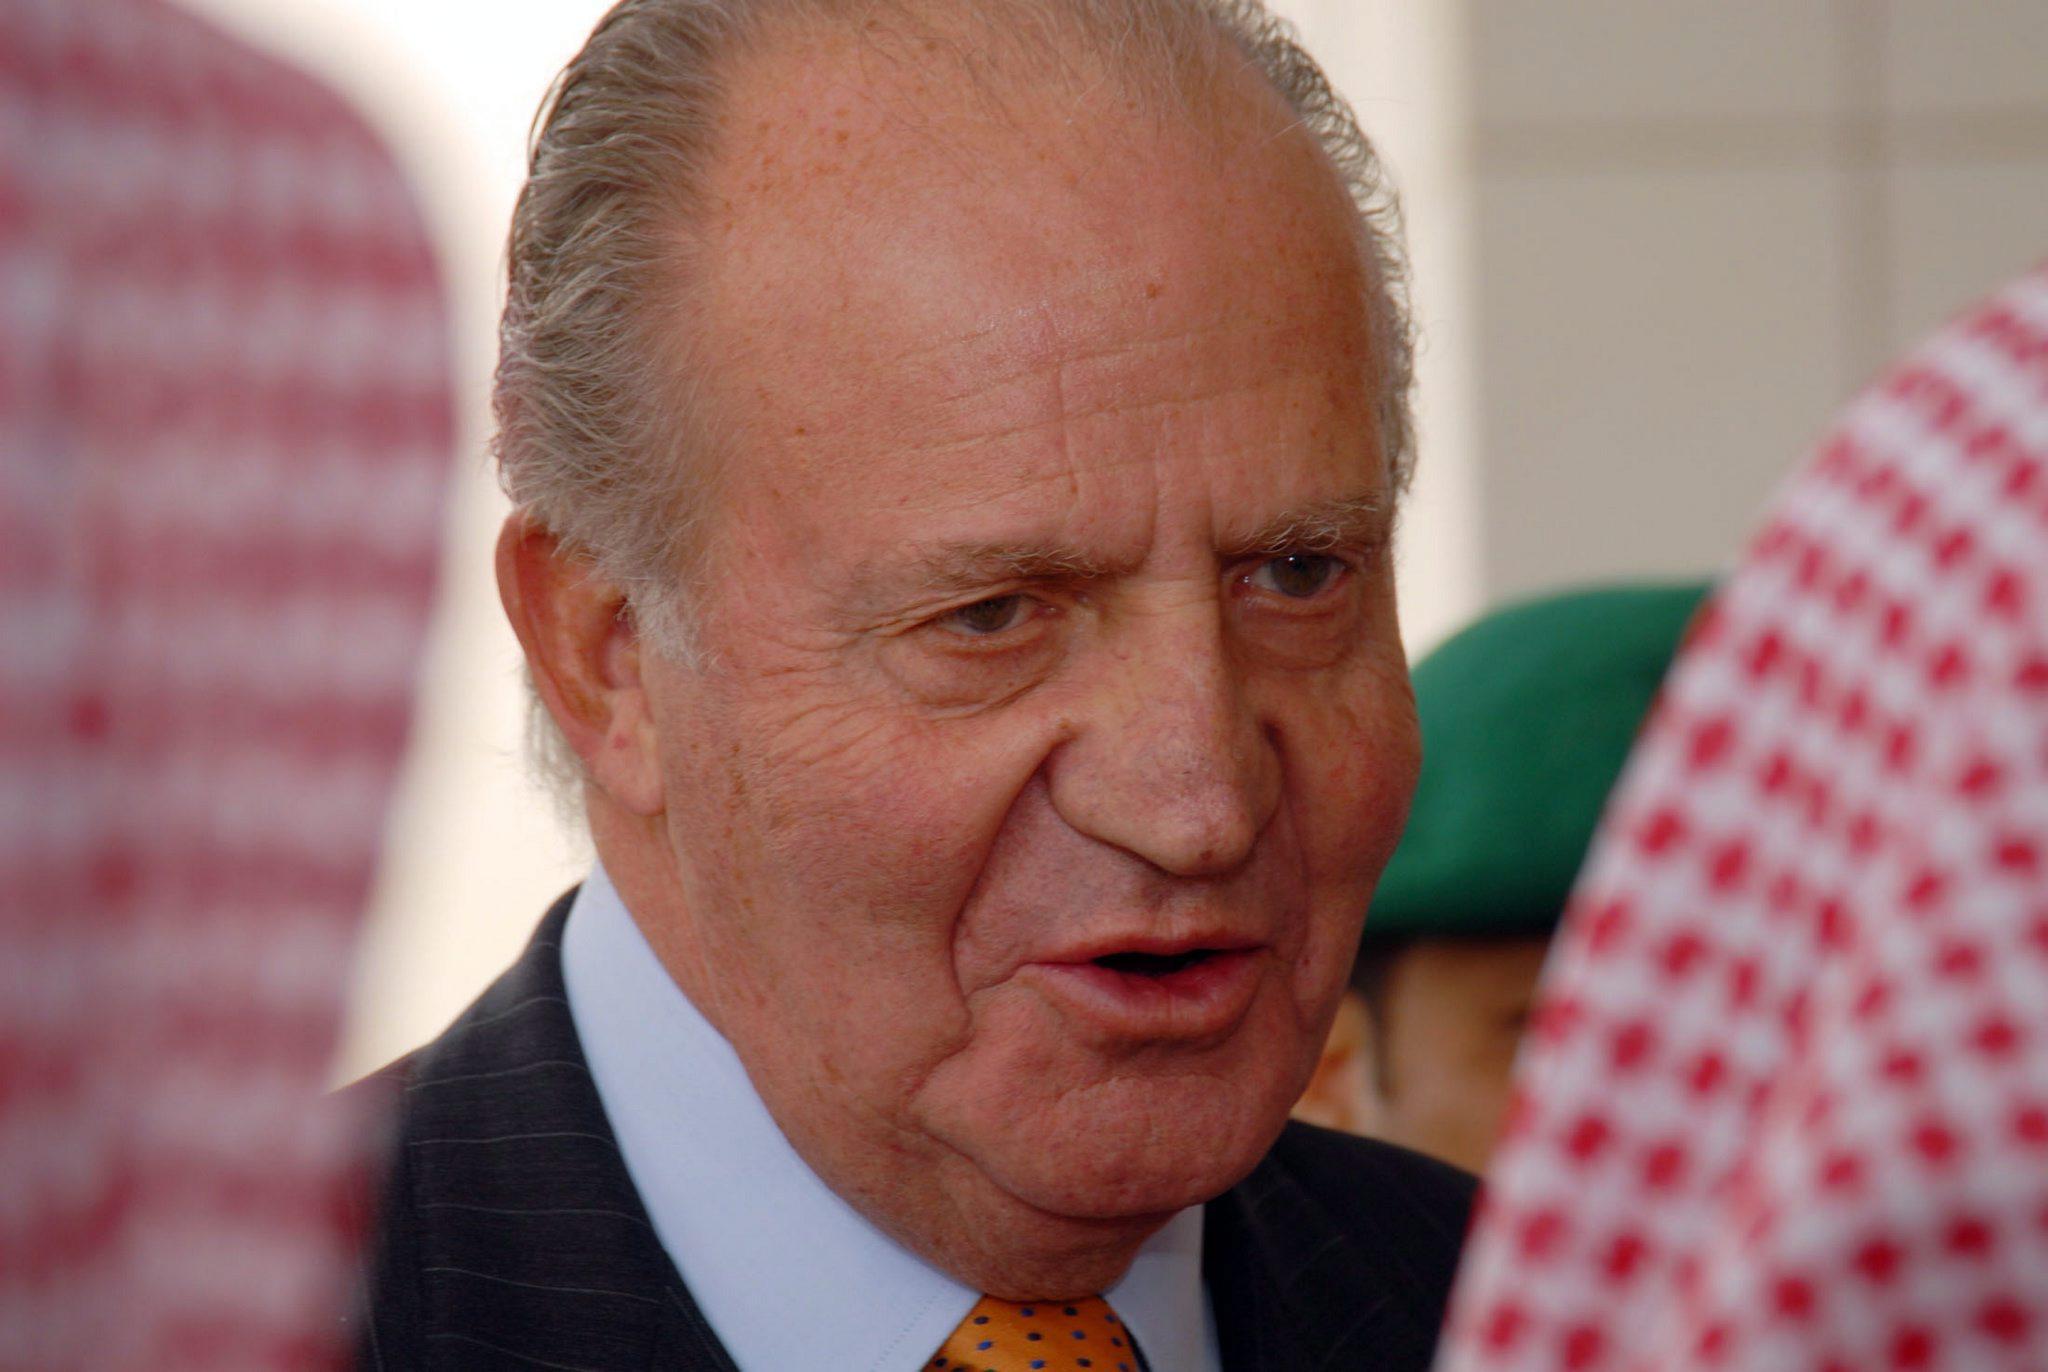 El Rey viaja hoy a Arabia Saudí junto a tres ministros y 30 empresarios